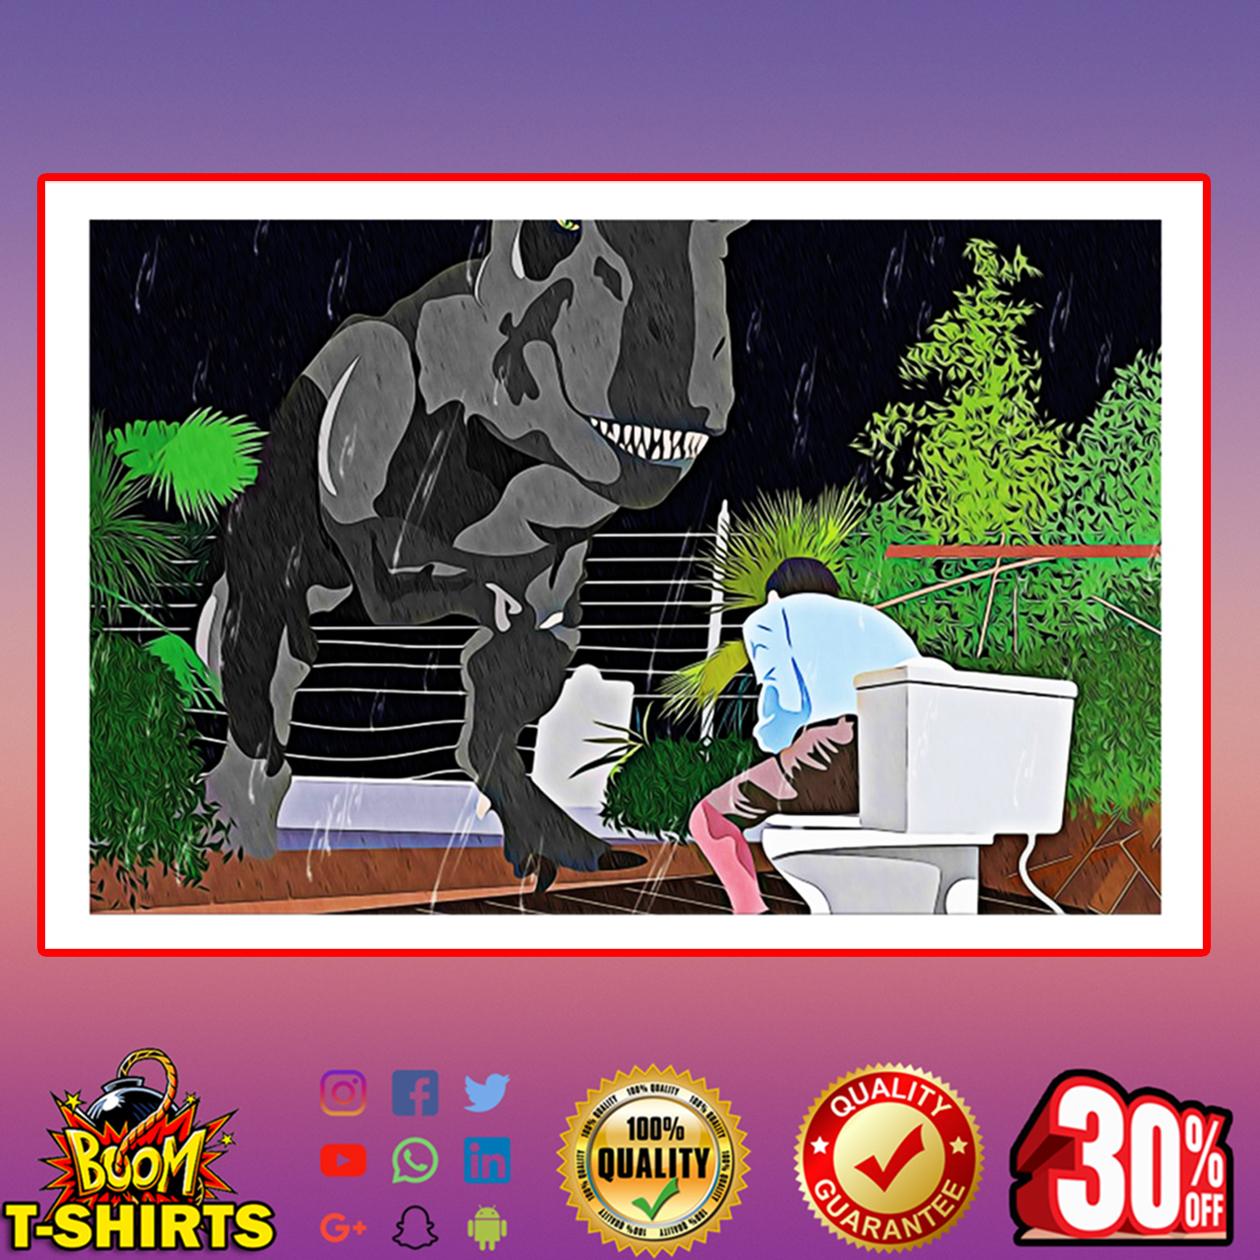 Toilet death scene Jurassic Park poster